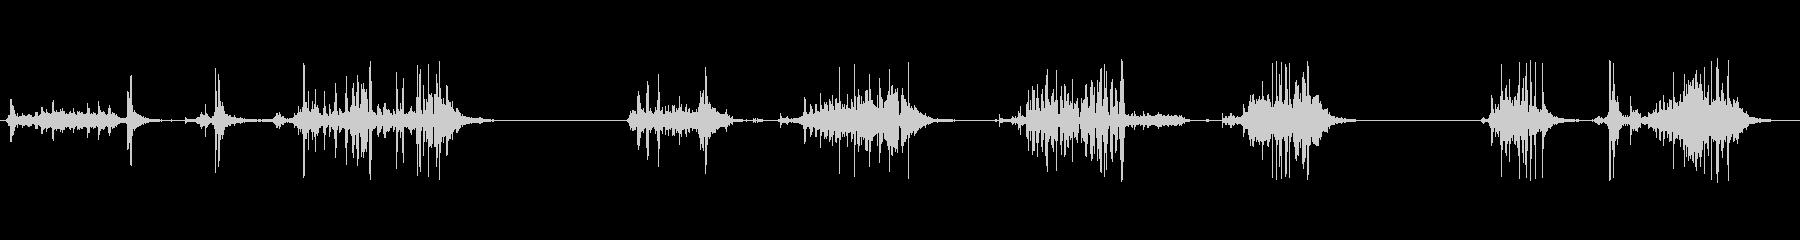 古いムービー画面:さまざまなロール...の未再生の波形